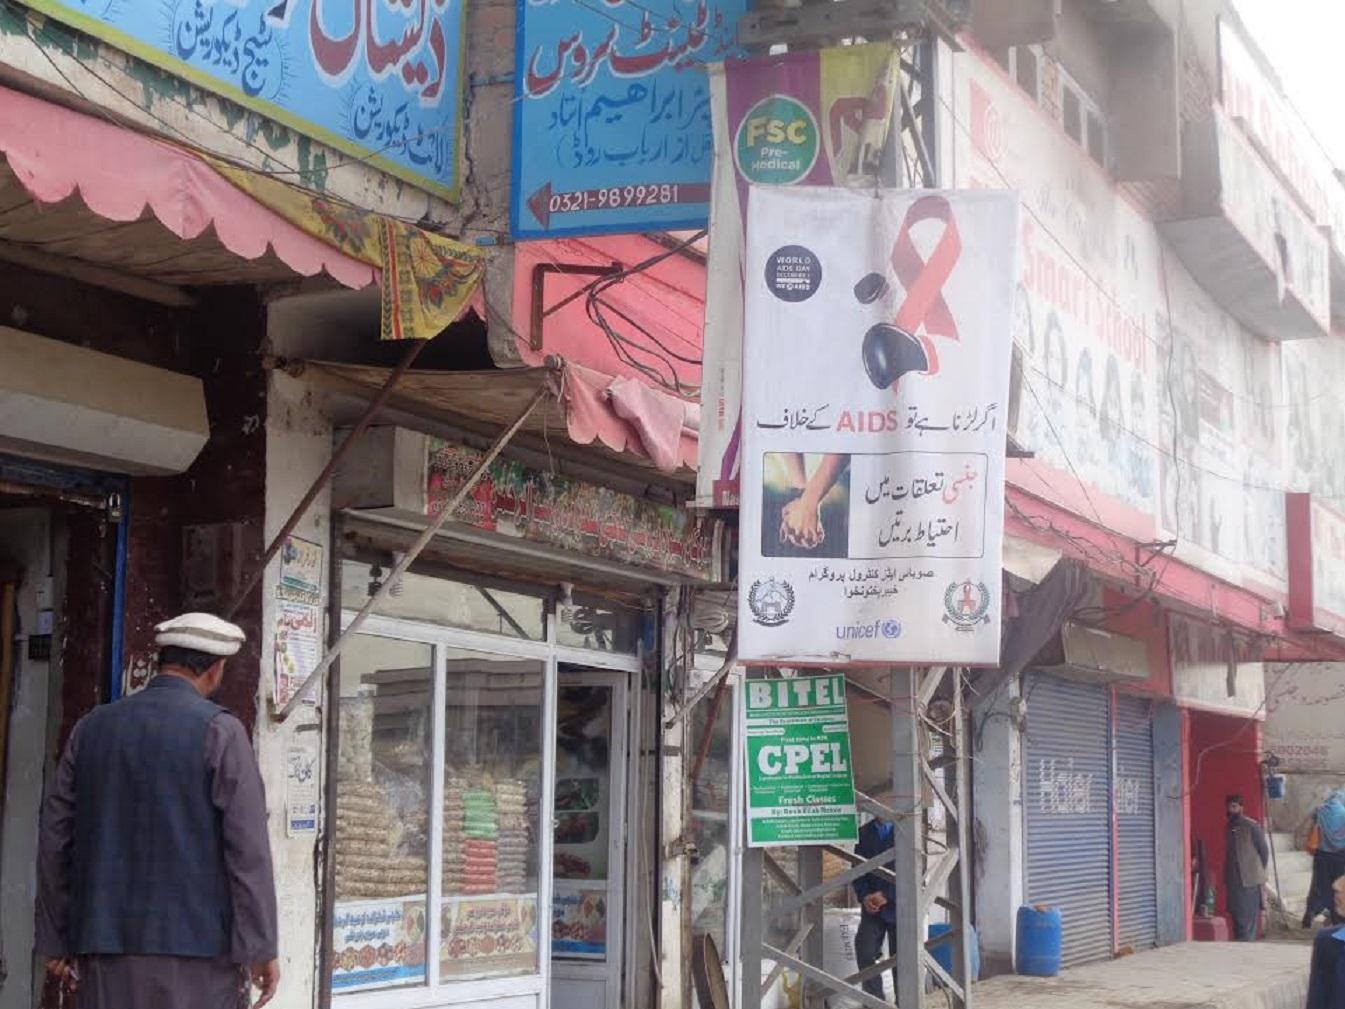 پاکستان کی جانب سے ایچ آئی وی کے افغان مریضوں کے لیے مفت علاج کی فراہمی